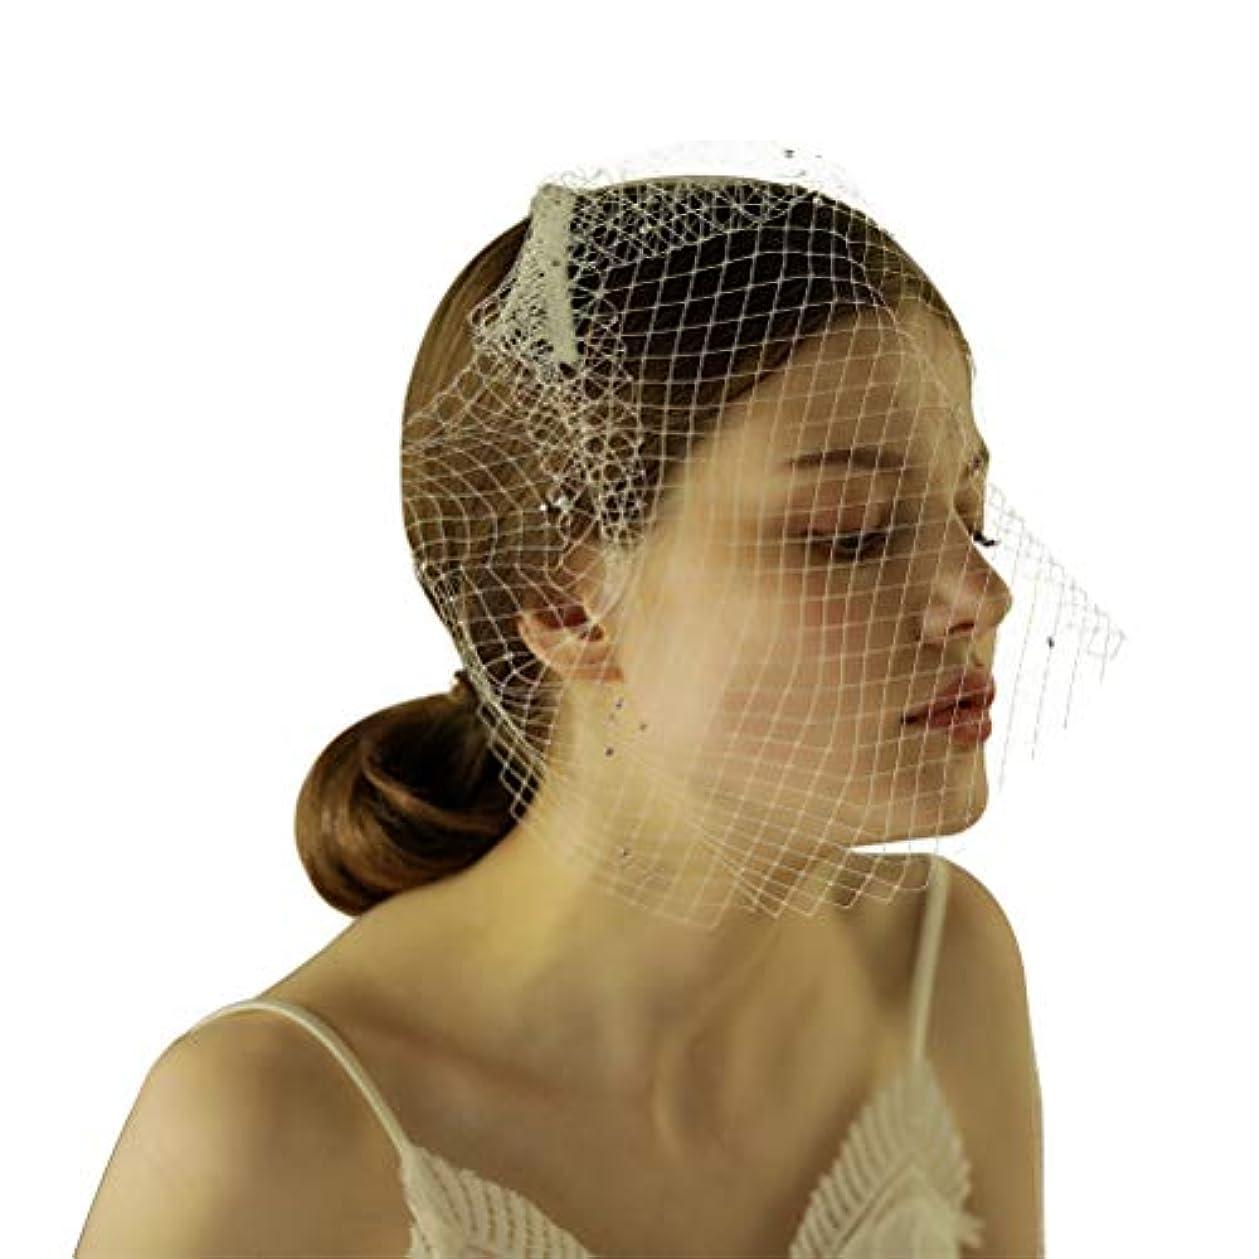 典型的なブルゴーニュ終了しましたヴィンテージウェディングブライダルショートベールカバーフェイスメッシュガーゼ光沢のある真珠のカットエッジウェディングアクセサリー(アイボリーホワイト)